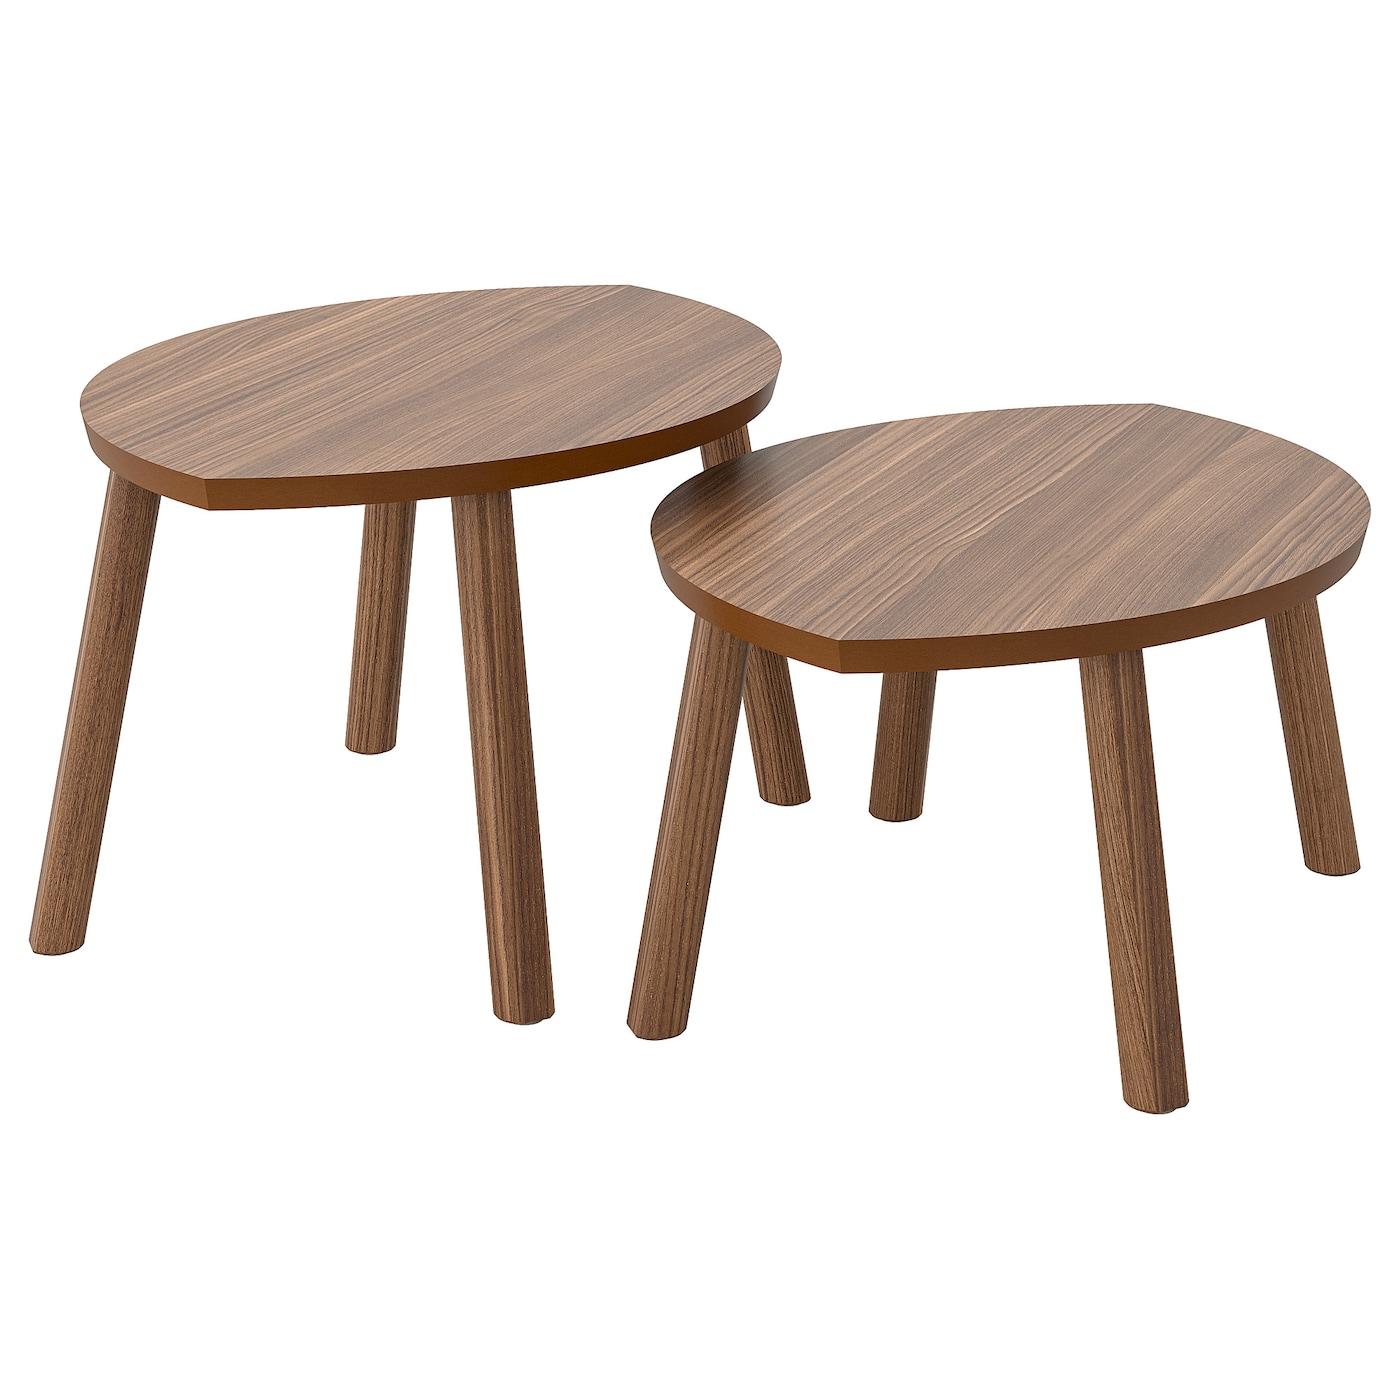 Stockholm Nest Of Tables Set Of 2 Walnut Veneer Ikea Ireland [ 1400 x 1400 Pixel ]